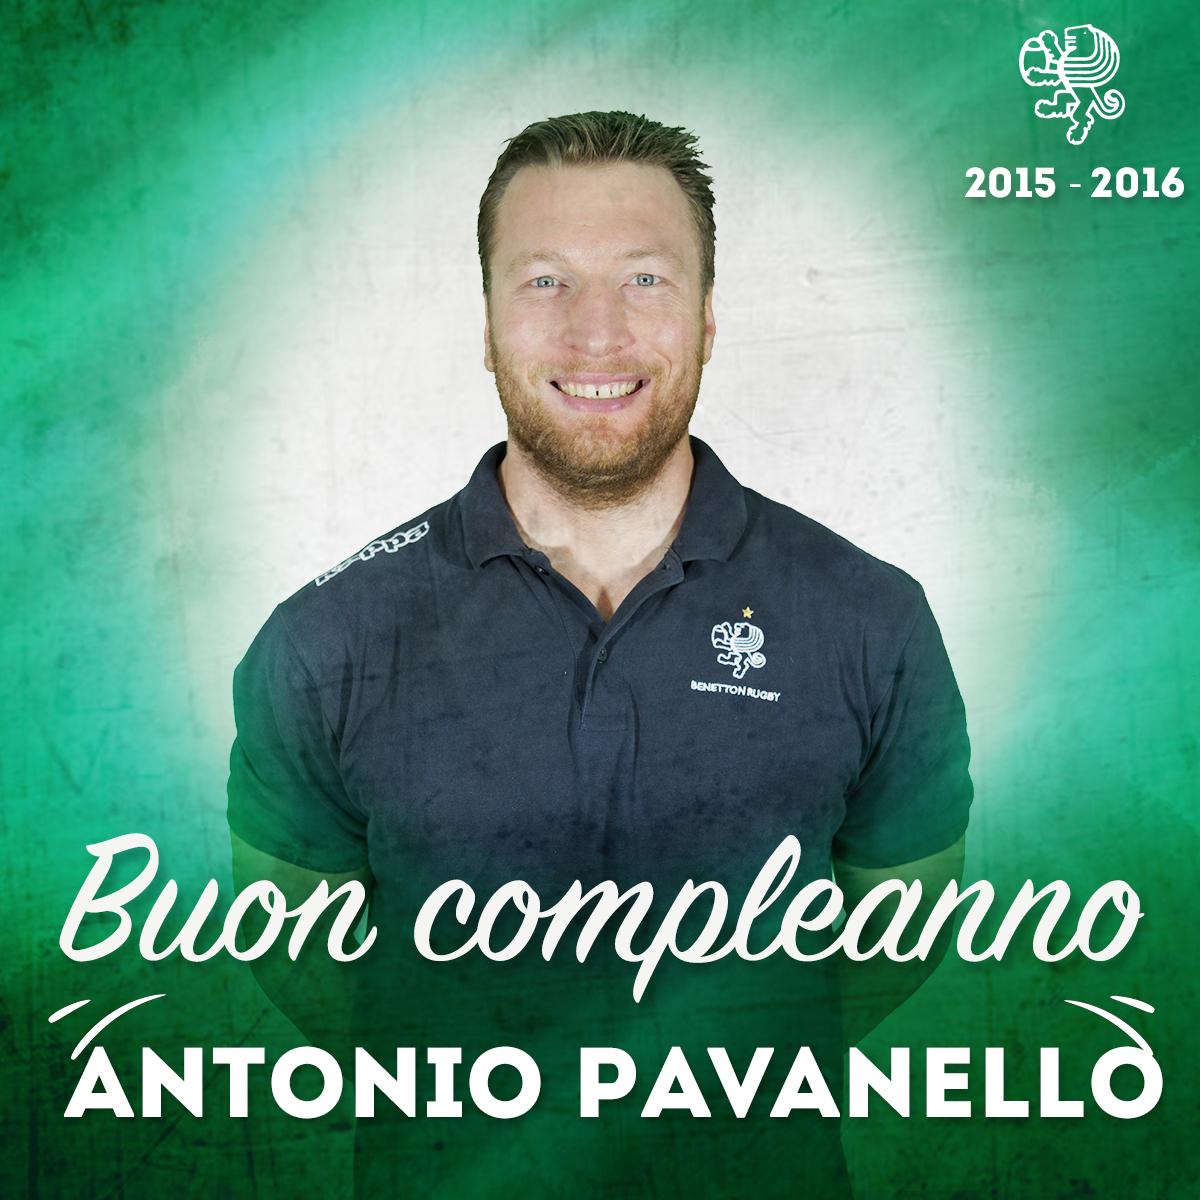 BUON COMPLEANNO AL NOSTRO DIRETTORE SPORTIVO ANTONIO PAVANELLO E AL NOSTRO FORWARD COACH MARTIN FIELD-DODGSON!